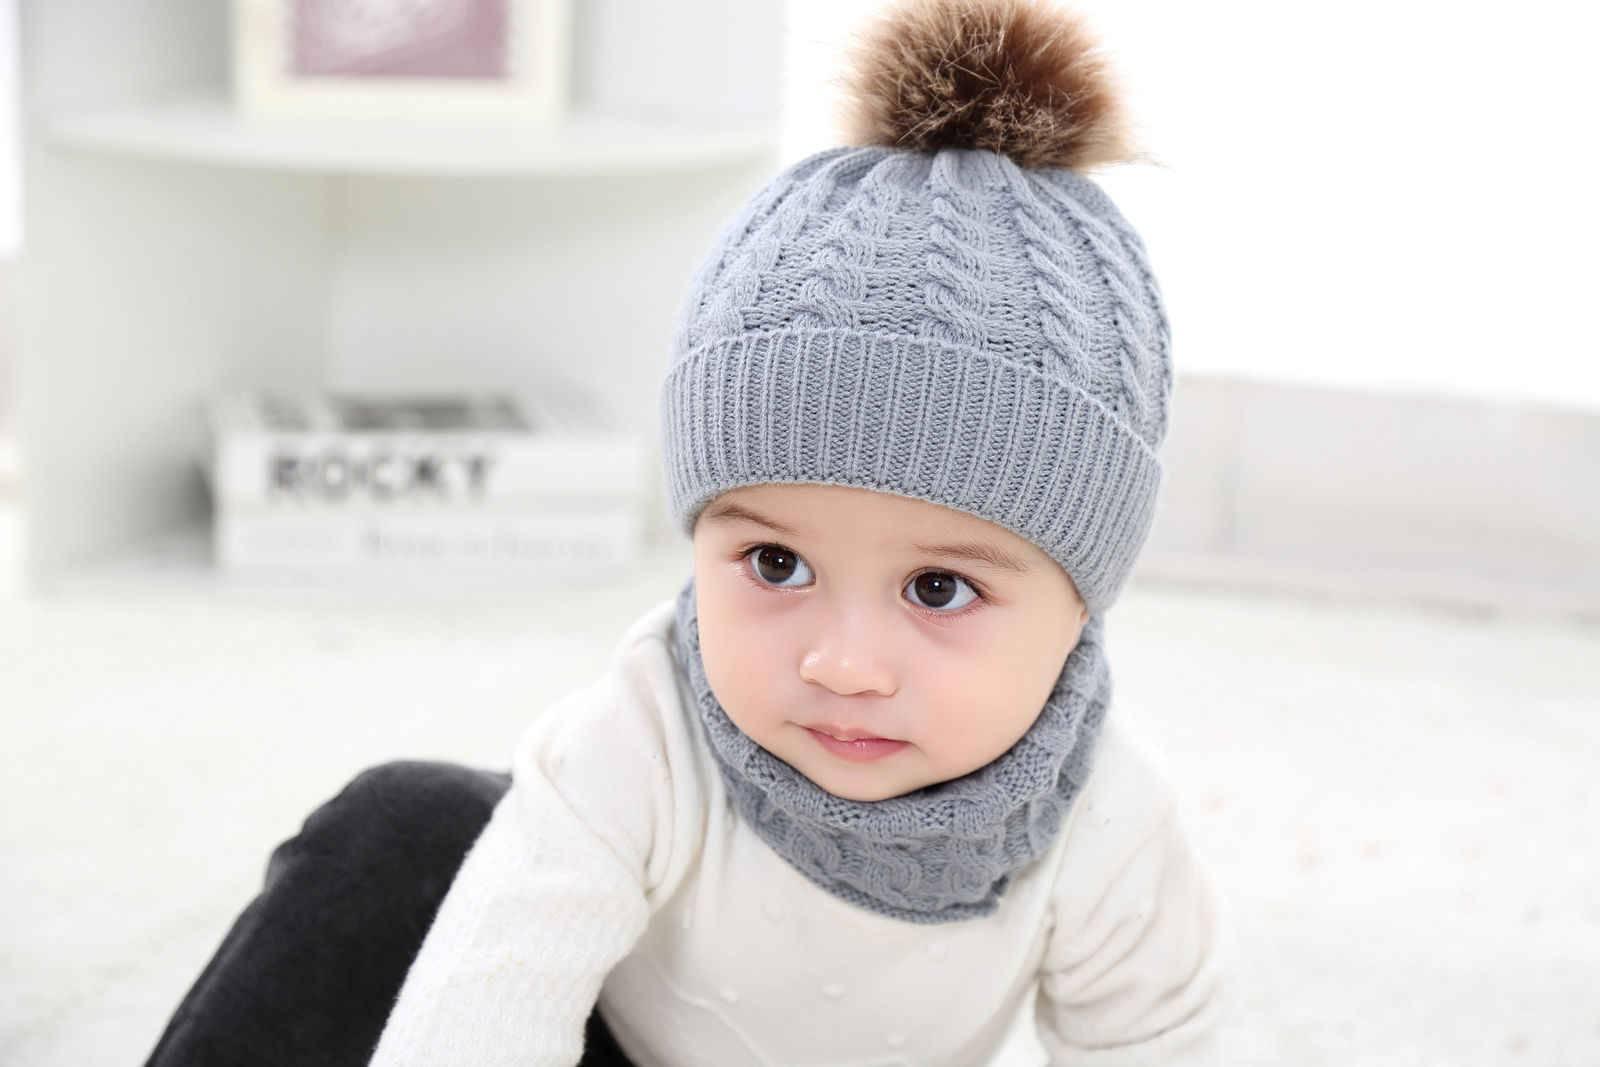 Шапка на новорожденного — как определить размер